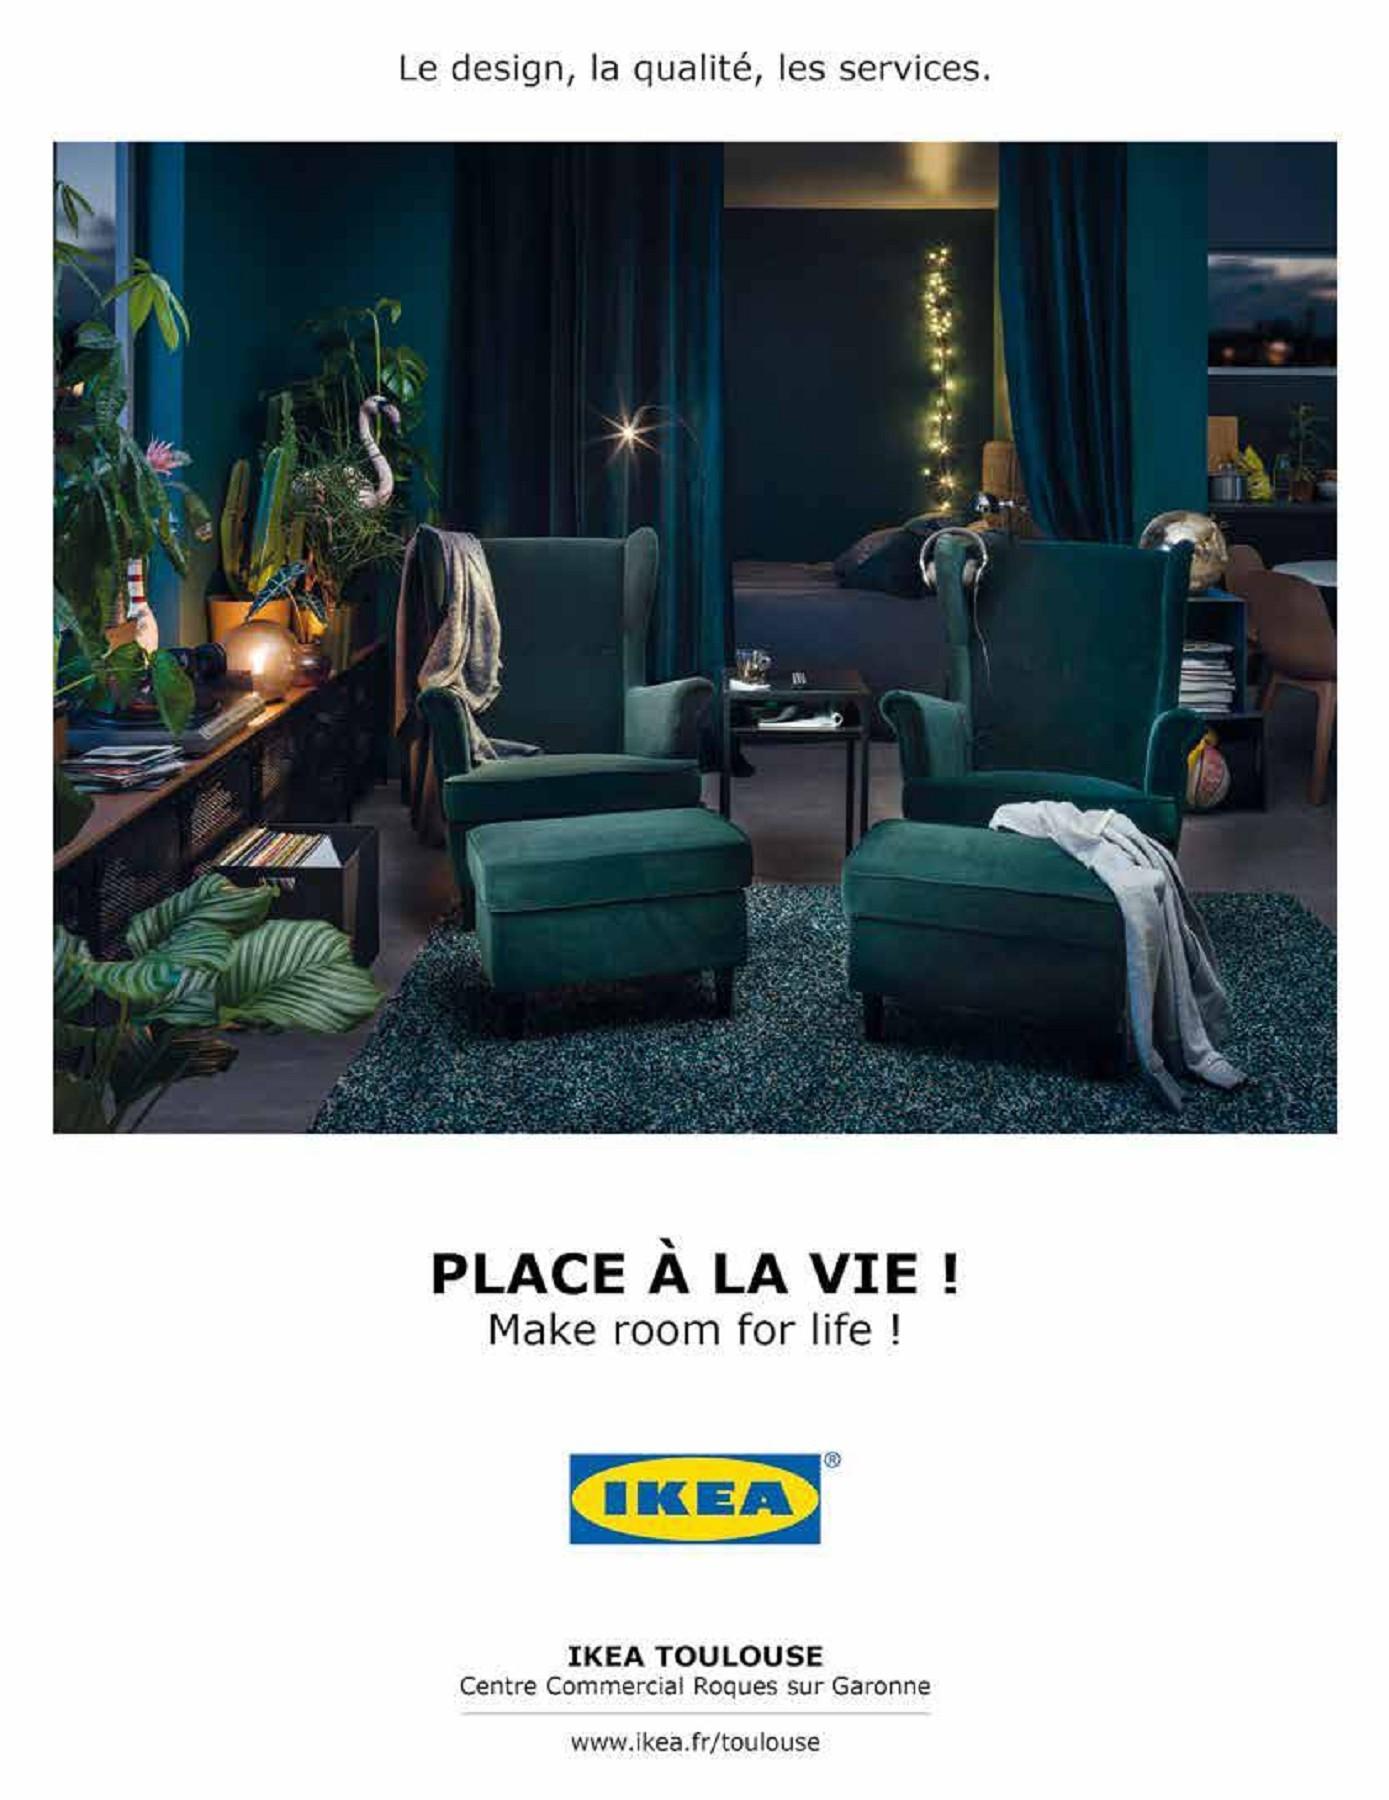 Peau De Mouton Grise Ikea madame figaro_nov 2017 pages 201 - 224 - text version   pubhtml5